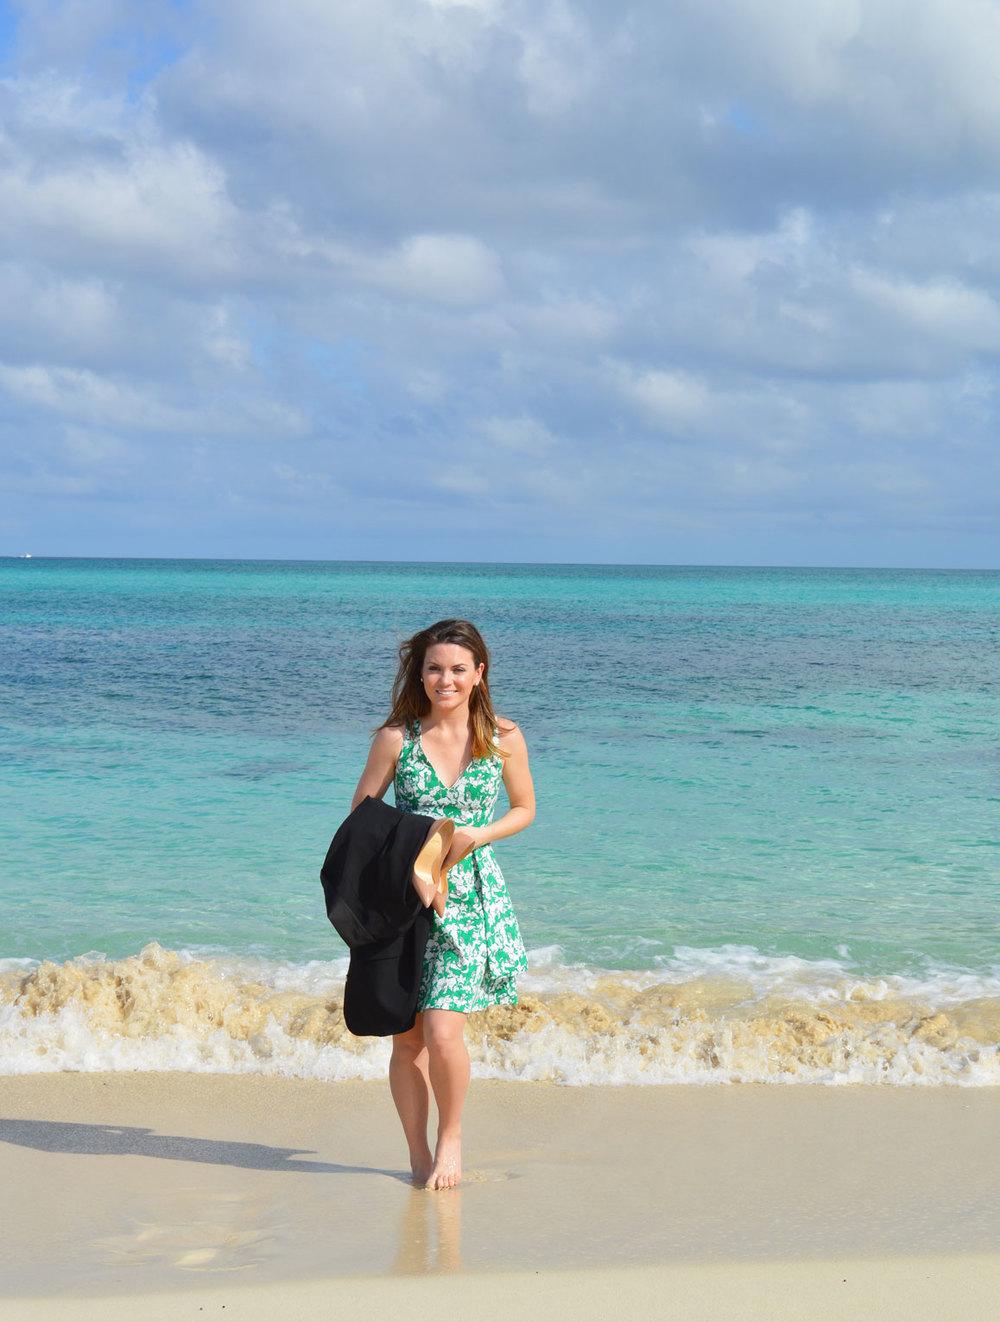 Nassau-Bahamas-Paradise-Atlantis-Style-Blogger-Zara-Dress-Christian-Louboutin-bahamas-candace-marie-fromctoc-lifestyle-fashion-beach-wiw.jpeg